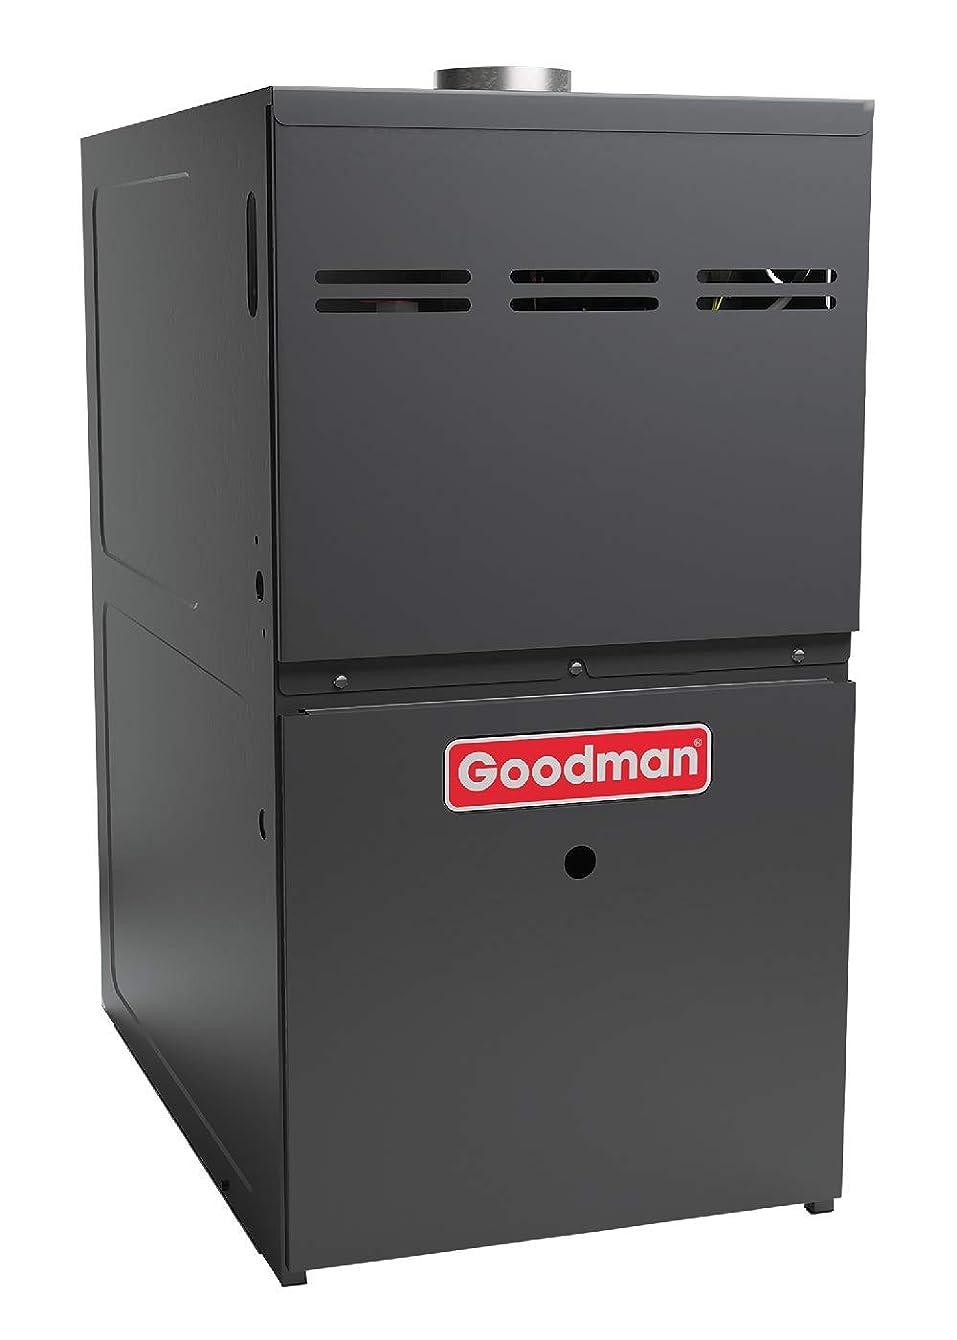 Goodman 40000 80% Efficiency Furnace Model: GMS80403AN